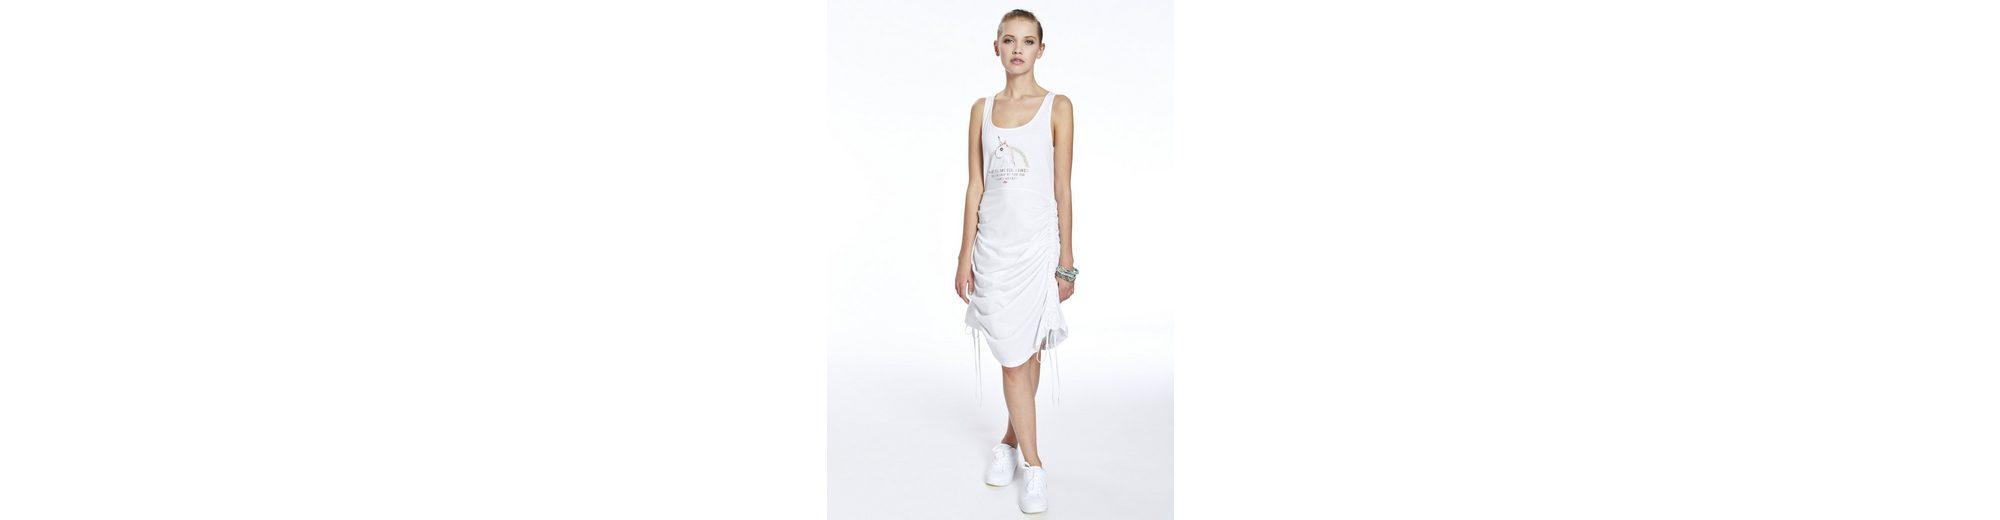 myMO Kleid Authentische Online Billig Geniue Händler 2018 Auslaß In Deutschland Günstig Online Viele Arten Von Günstiger Online FpR6S